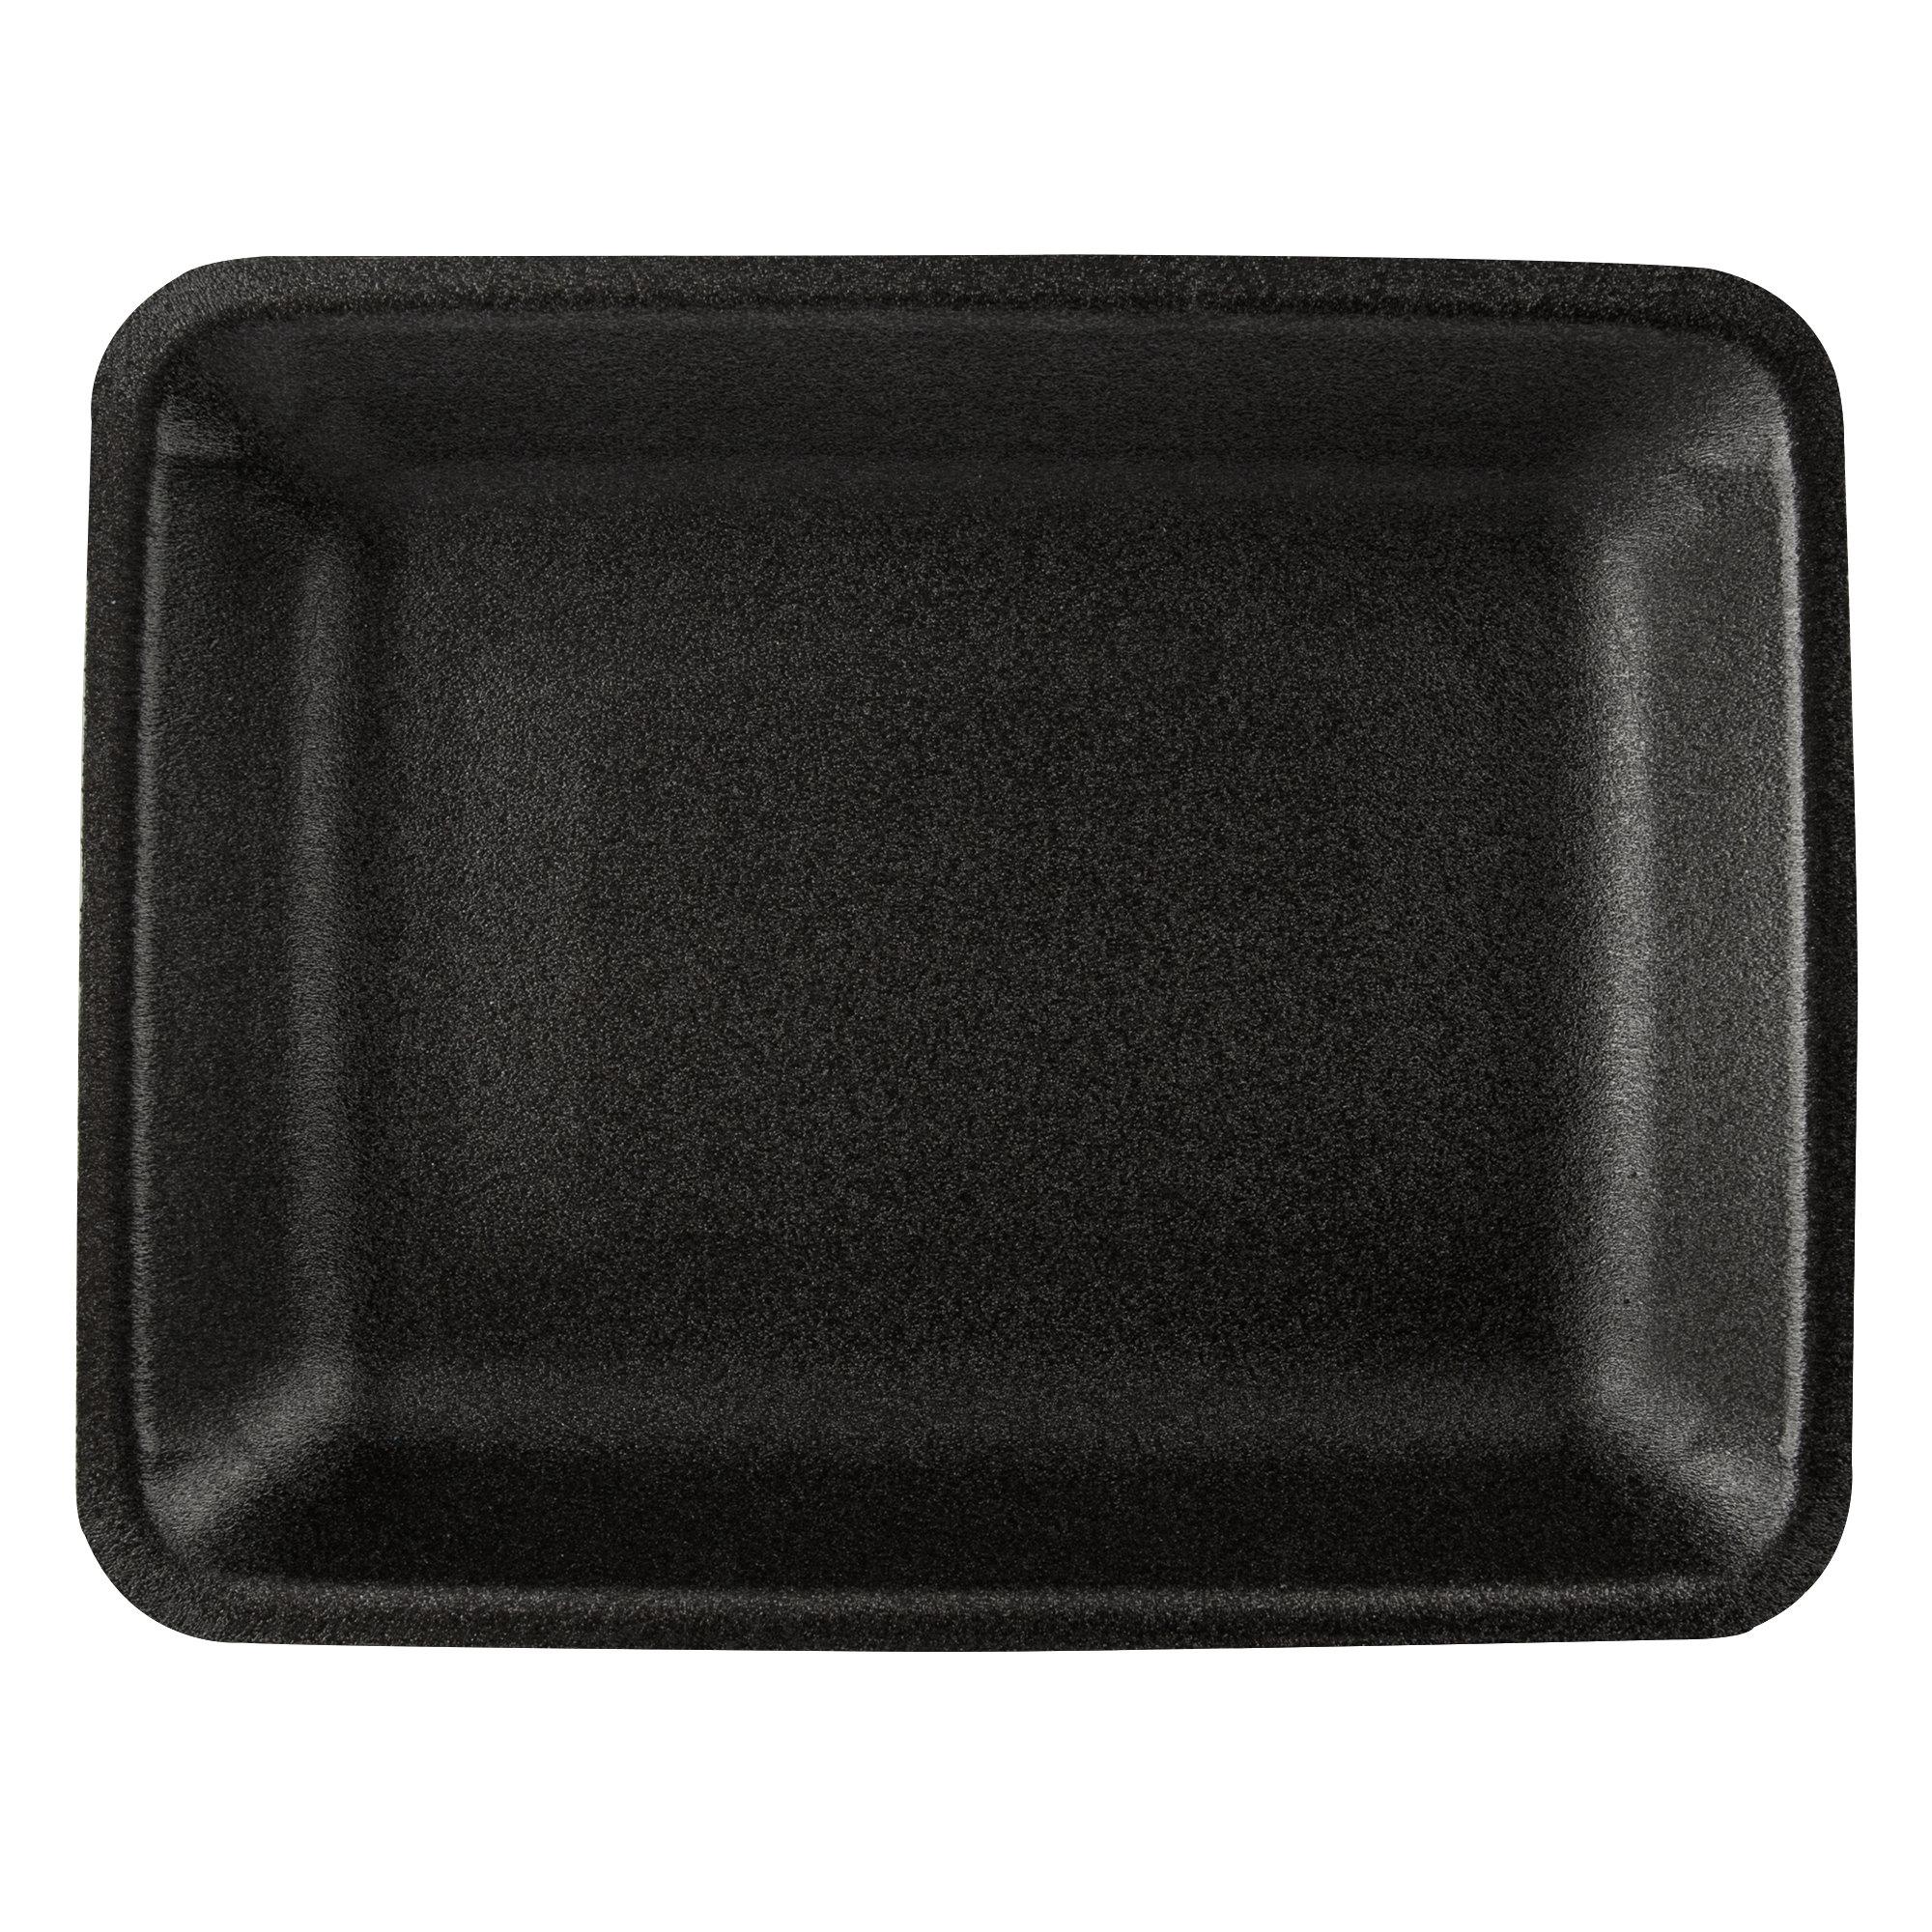 CKF 4P-R Black Foam Supermarket Tray 9.25x7.25x1.25 - 500ct